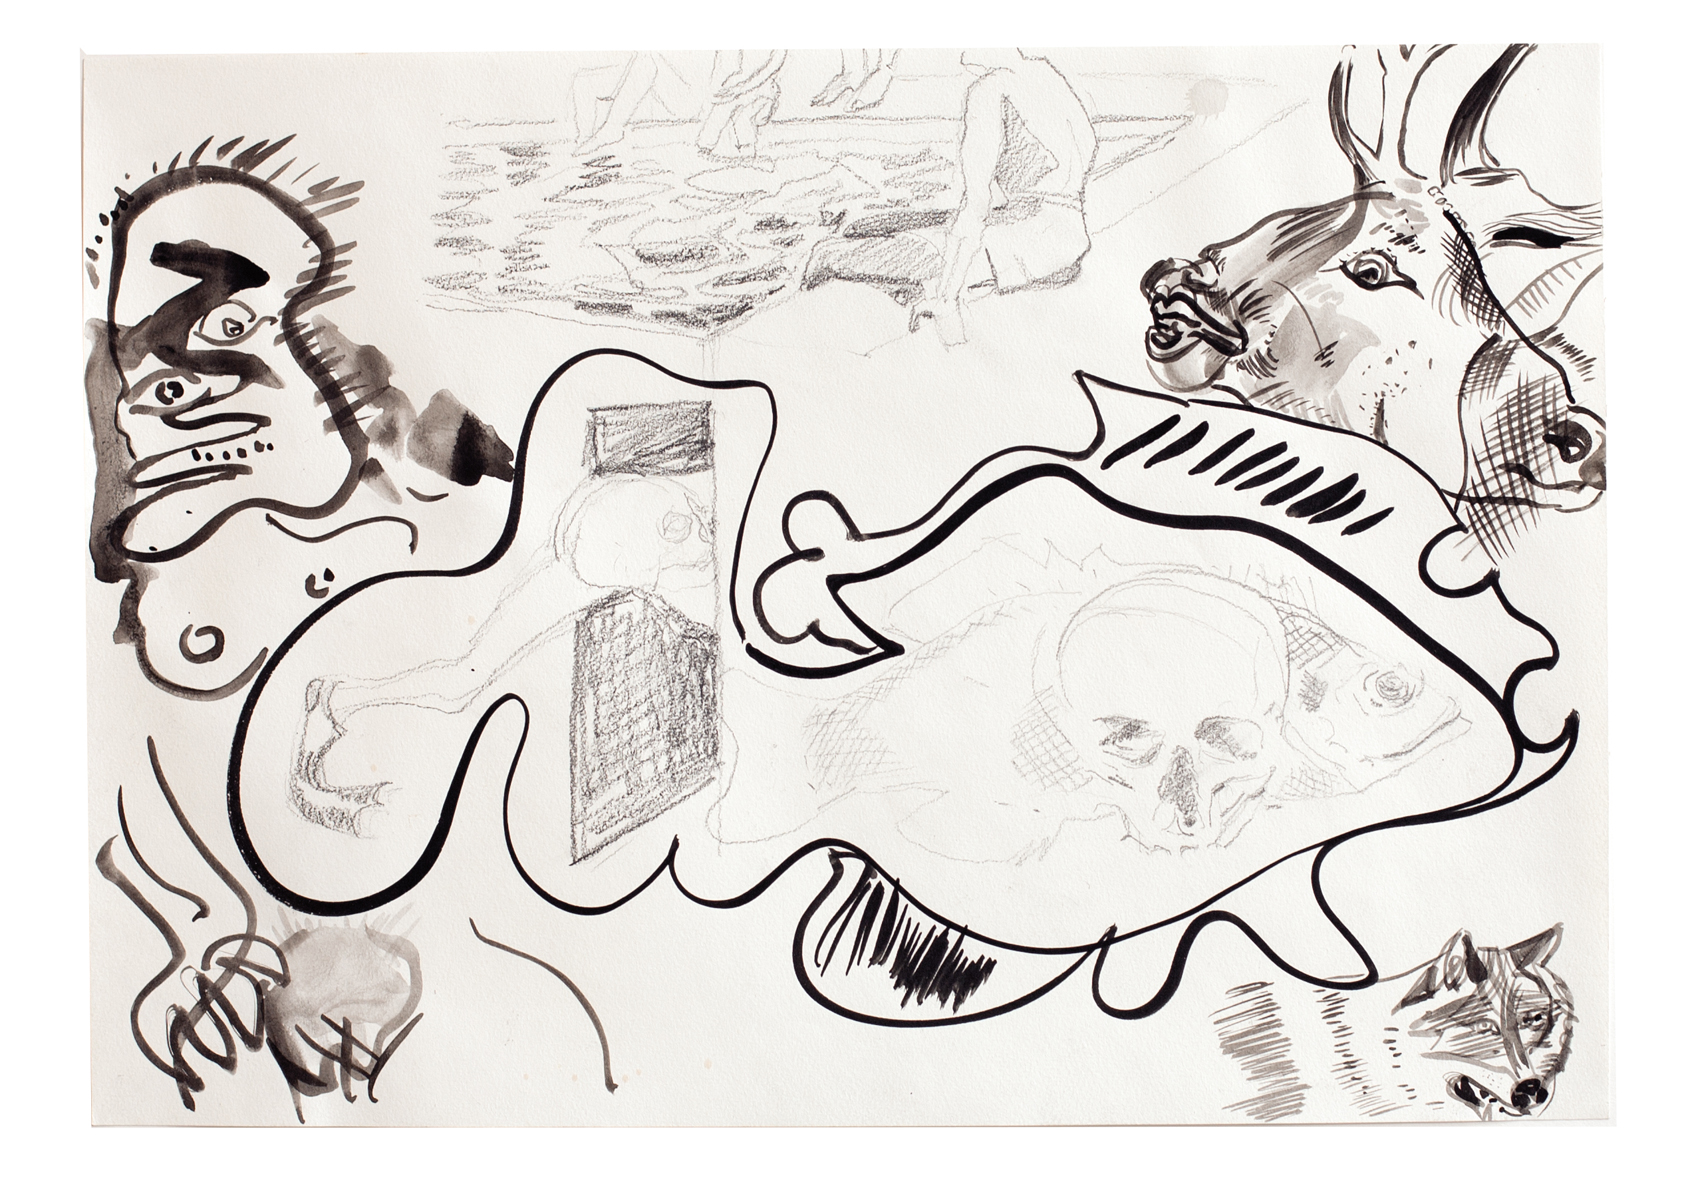 ohne Titel_2012 / 42 x 29,7 cm_Bleistift/Tusche/Papier